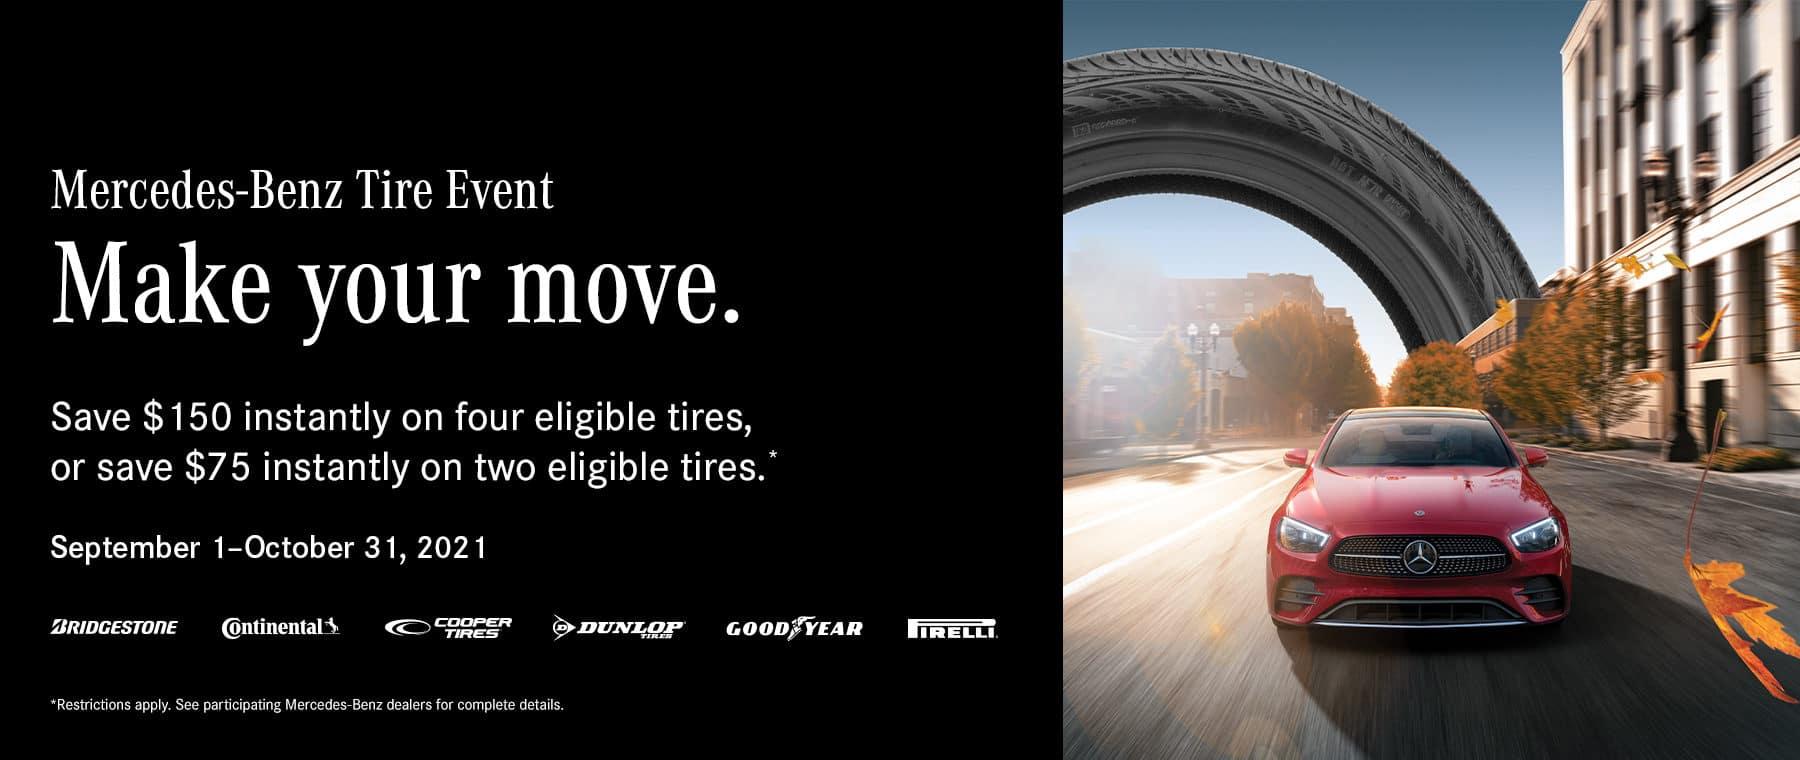 Mercedes-Benz of atlantic city mercedes tire special